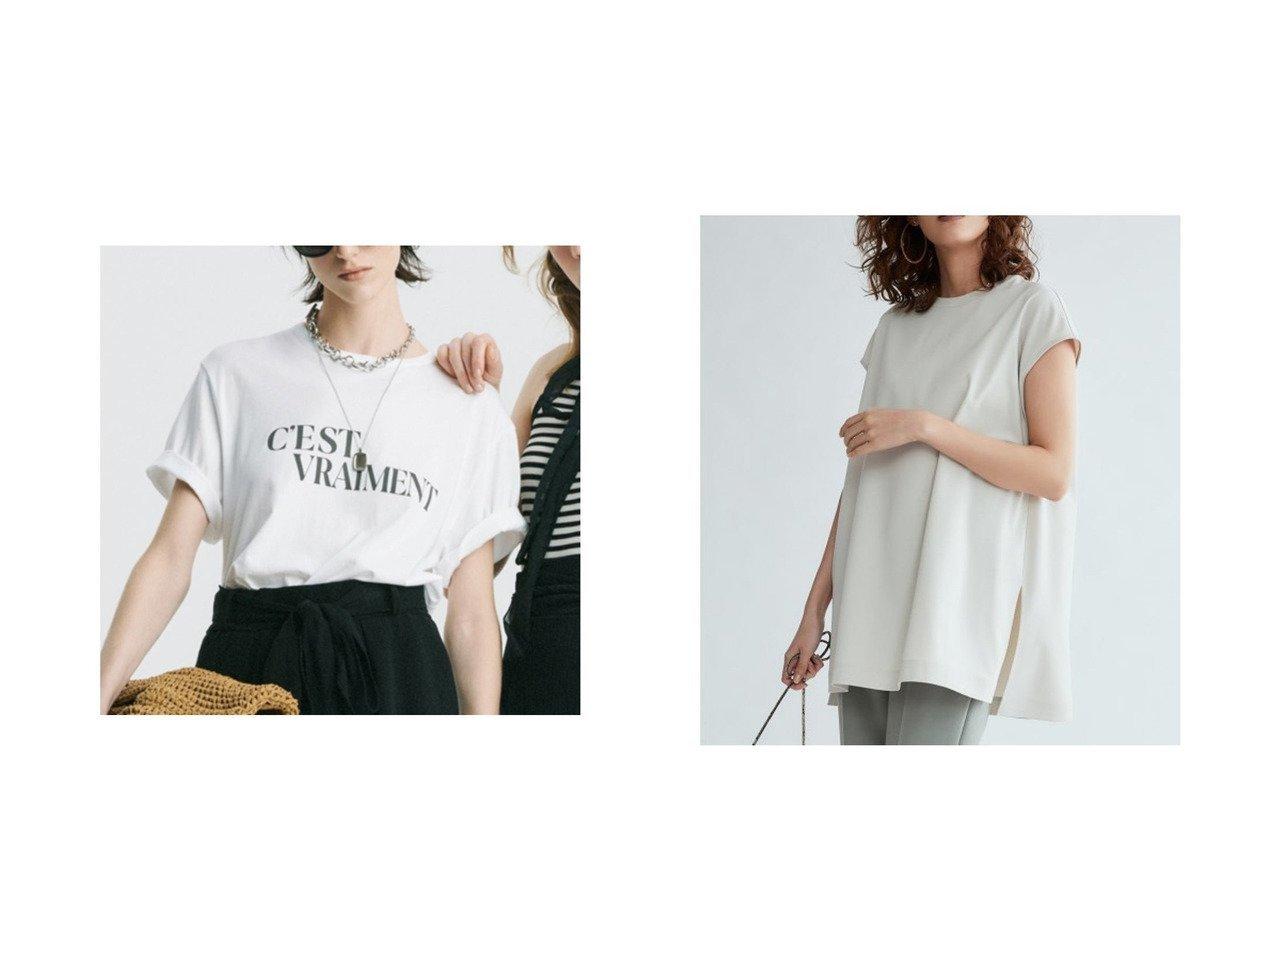 【Mila Owen/ミラオーウェン】のTシャツライクノースリーブブラウス&グラフィックロゴプリントTシャツ トップス・カットソーのおすすめ!人気、トレンド・レディースファッションの通販 おすすめで人気の流行・トレンド、ファッションの通販商品 メンズファッション・キッズファッション・インテリア・家具・レディースファッション・服の通販 founy(ファニー) https://founy.com/ ファッション Fashion レディースファッション WOMEN トップス Tops Tshirt シャツ/ブラウス Shirts Blouses ロング / Tシャツ T-Shirts キャミソール / ノースリーブ No Sleeves インナー ヴィンテージ グラフィック コレクション ジャケット スタイリッシュ スマート フロント メランジ スリット スリーブ フレンチ 半袖 リラックス |ID:crp329100000013147